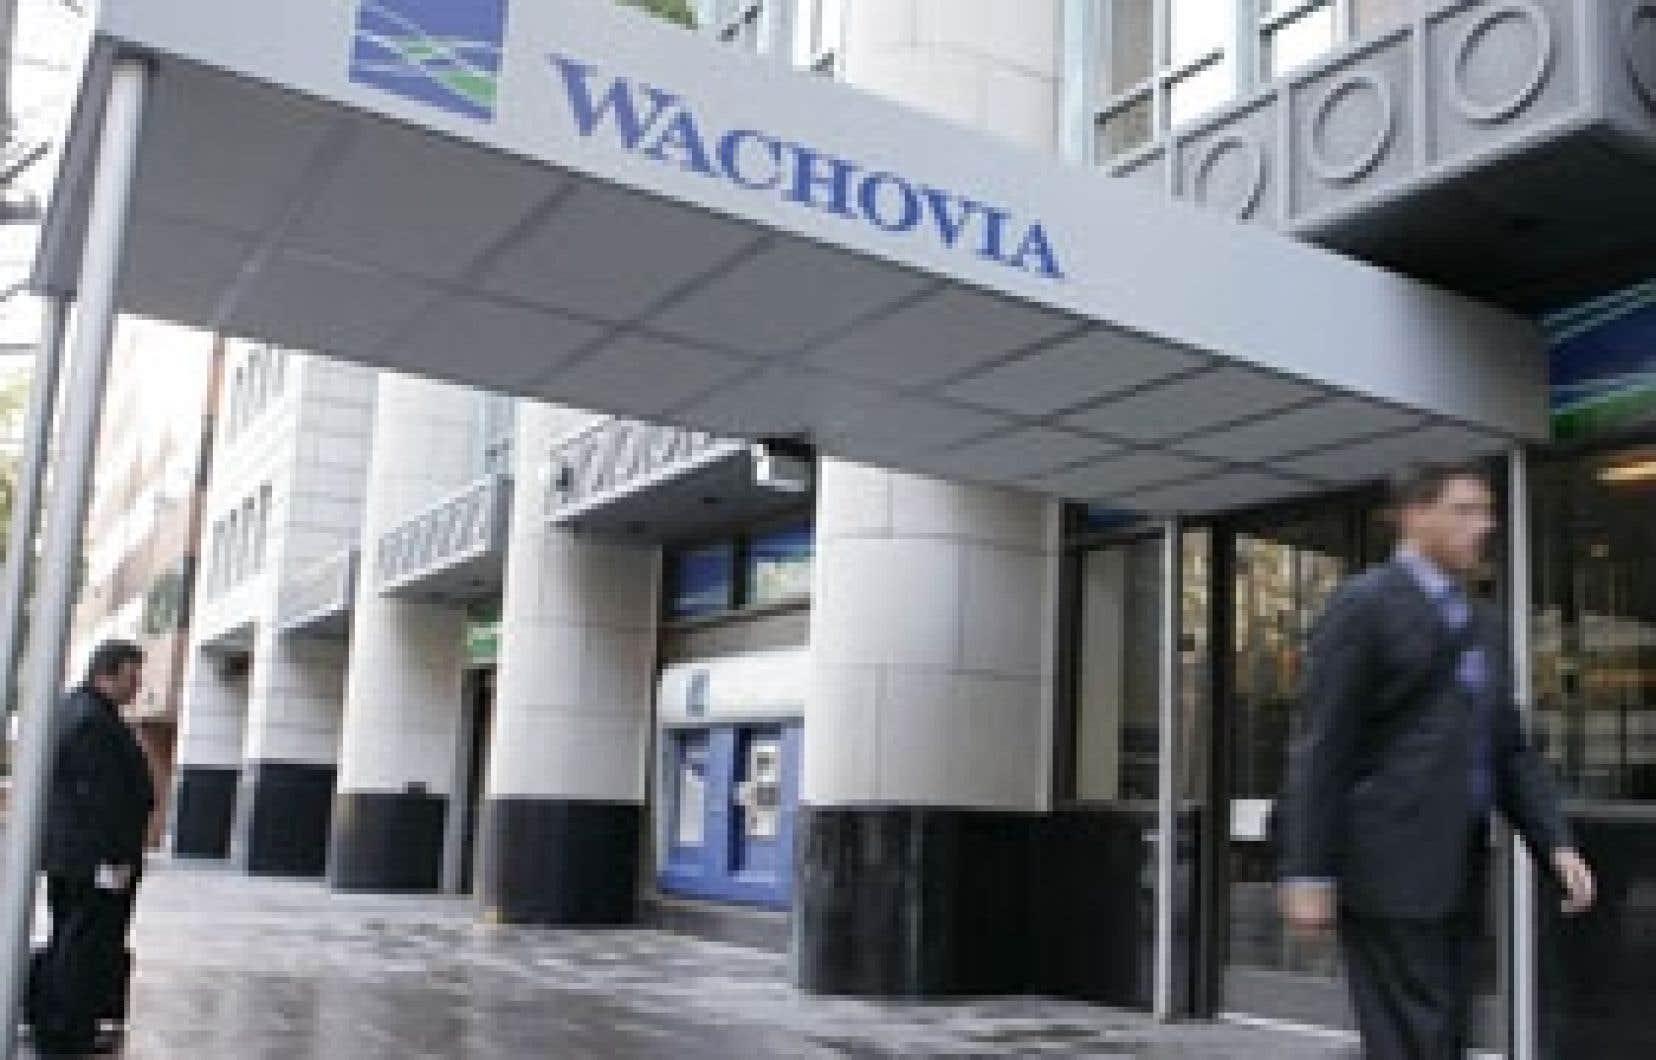 L'acquisition de Wachovia par sa concurrente Wells Fargo est suspendue par la justice, à la suite de la demande du conglomérat financier américain Citigroup.